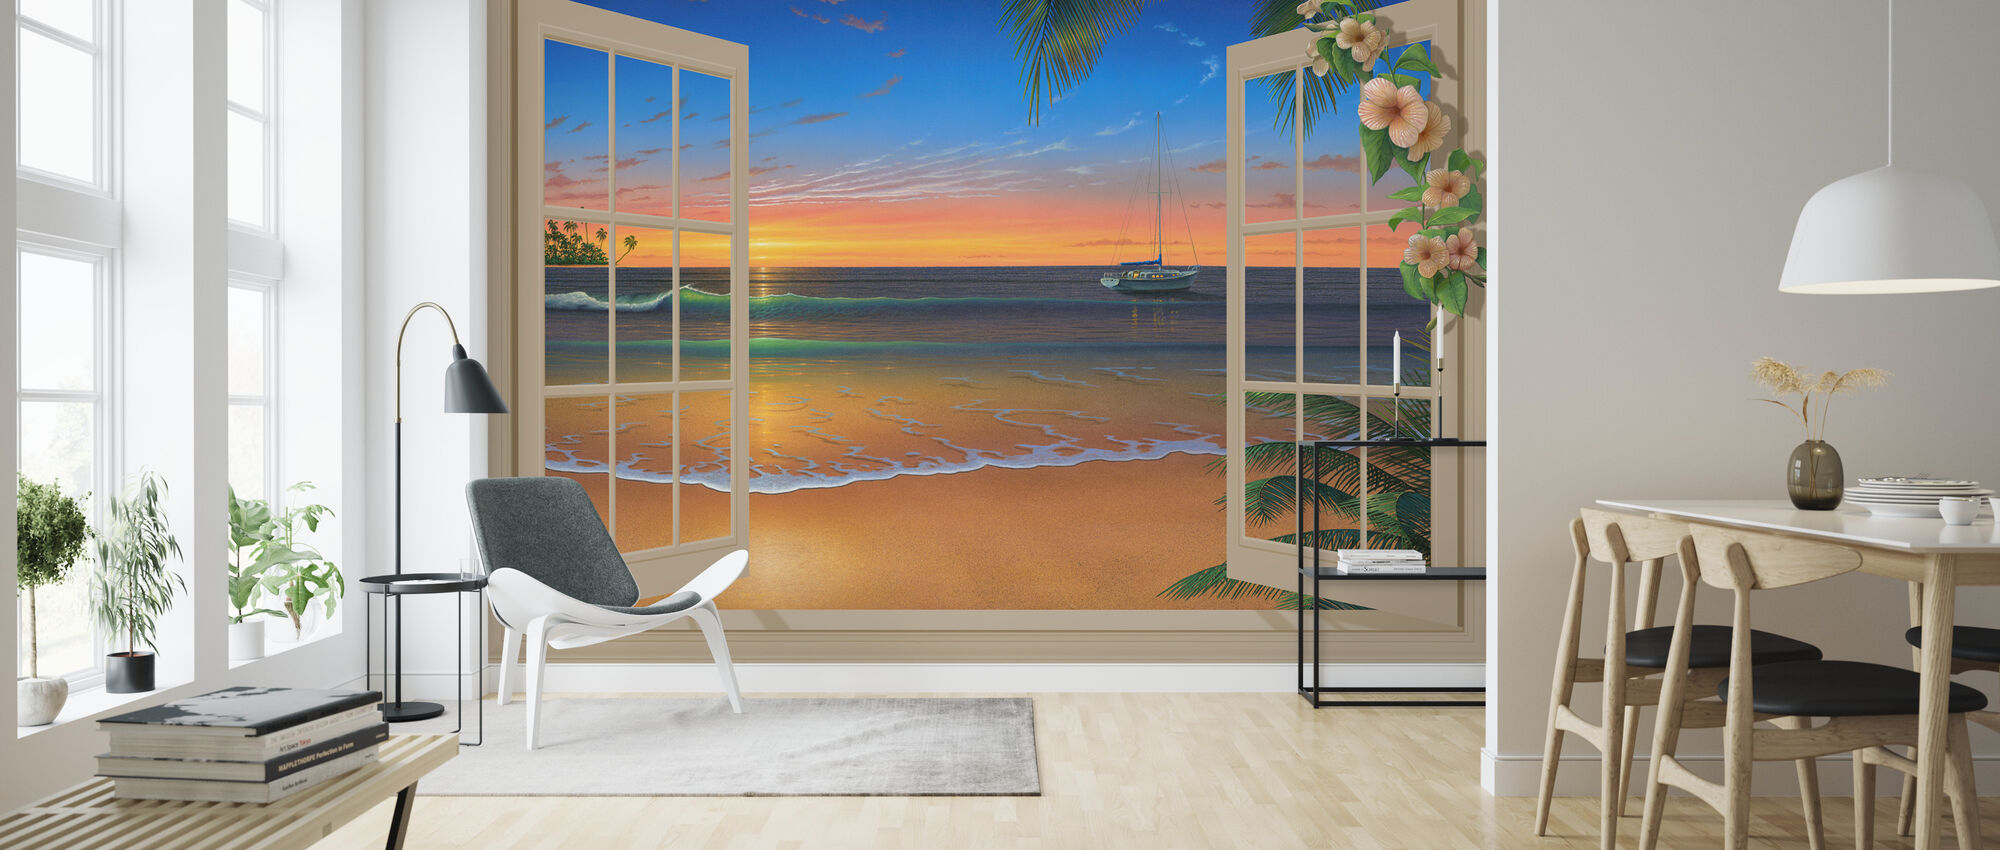 Solnedgång genom fönster med blommor - Tapet - Vardagsrum